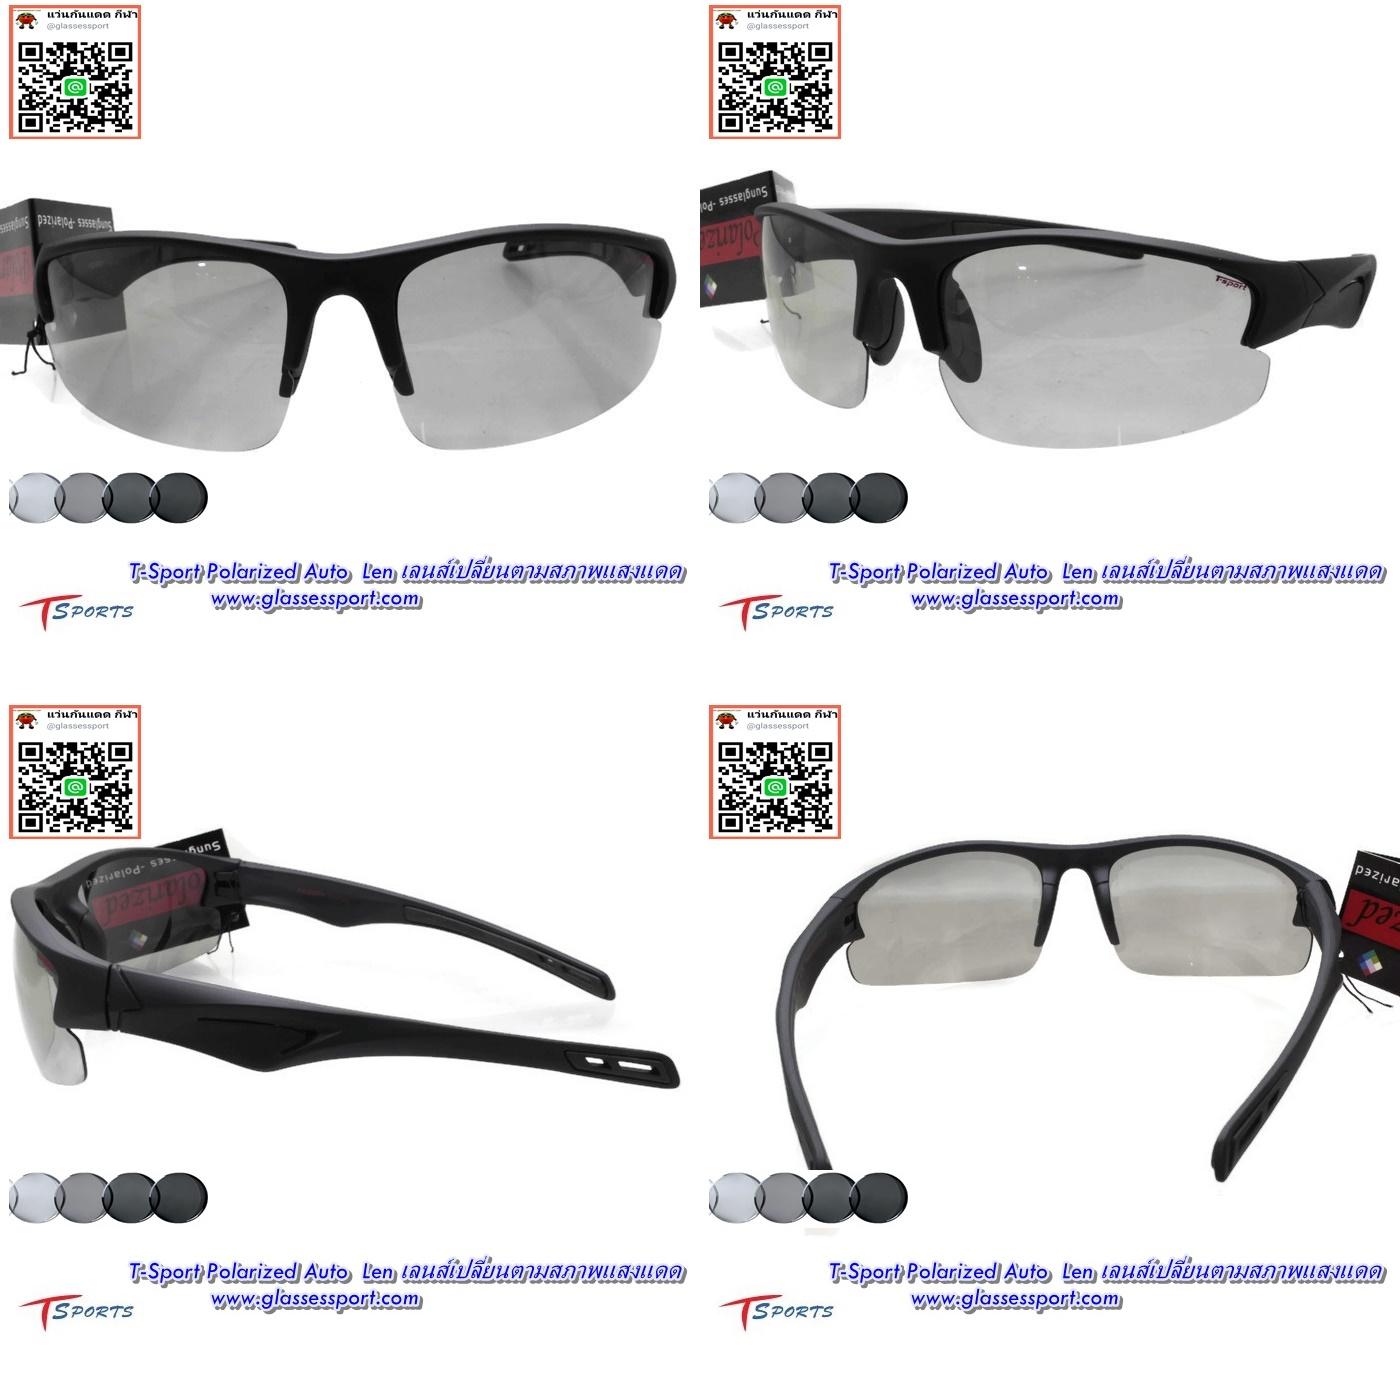 แว่นตา t sport polarized auto len เลนส์ปรับแสงตามสภาพแสงแแดด